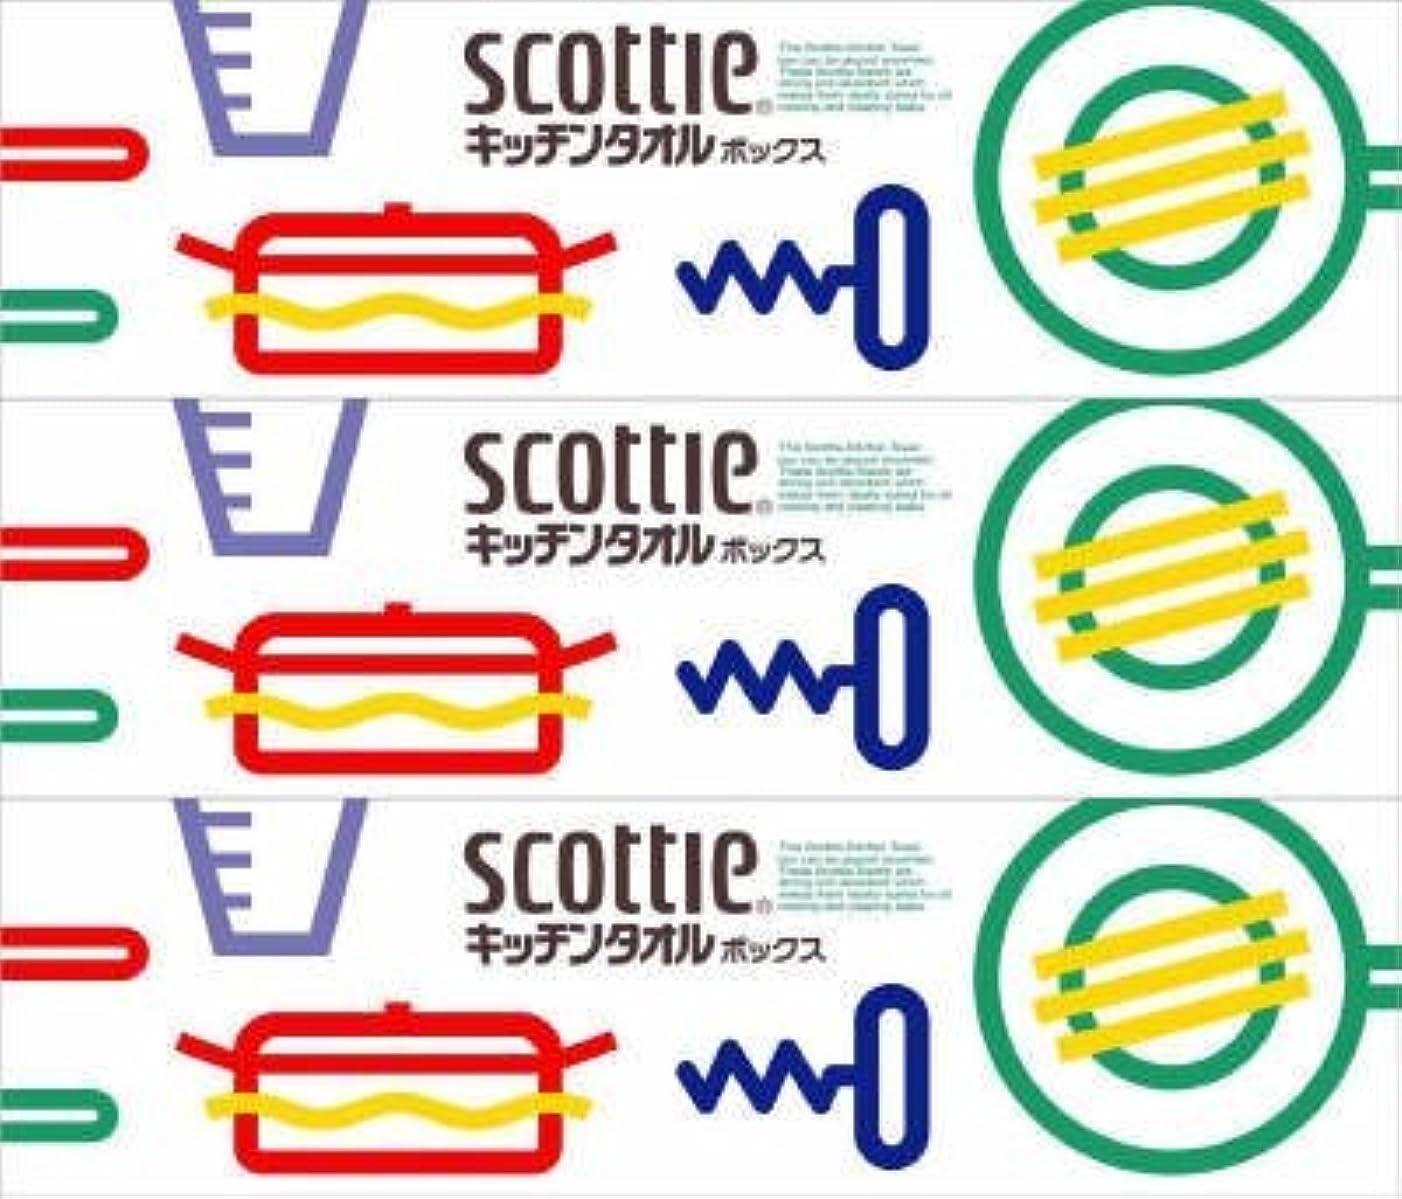 恐れる本質的ではない一致するスコッティ キッチンタオルボックス 【36個(3コパック×12P)セット】